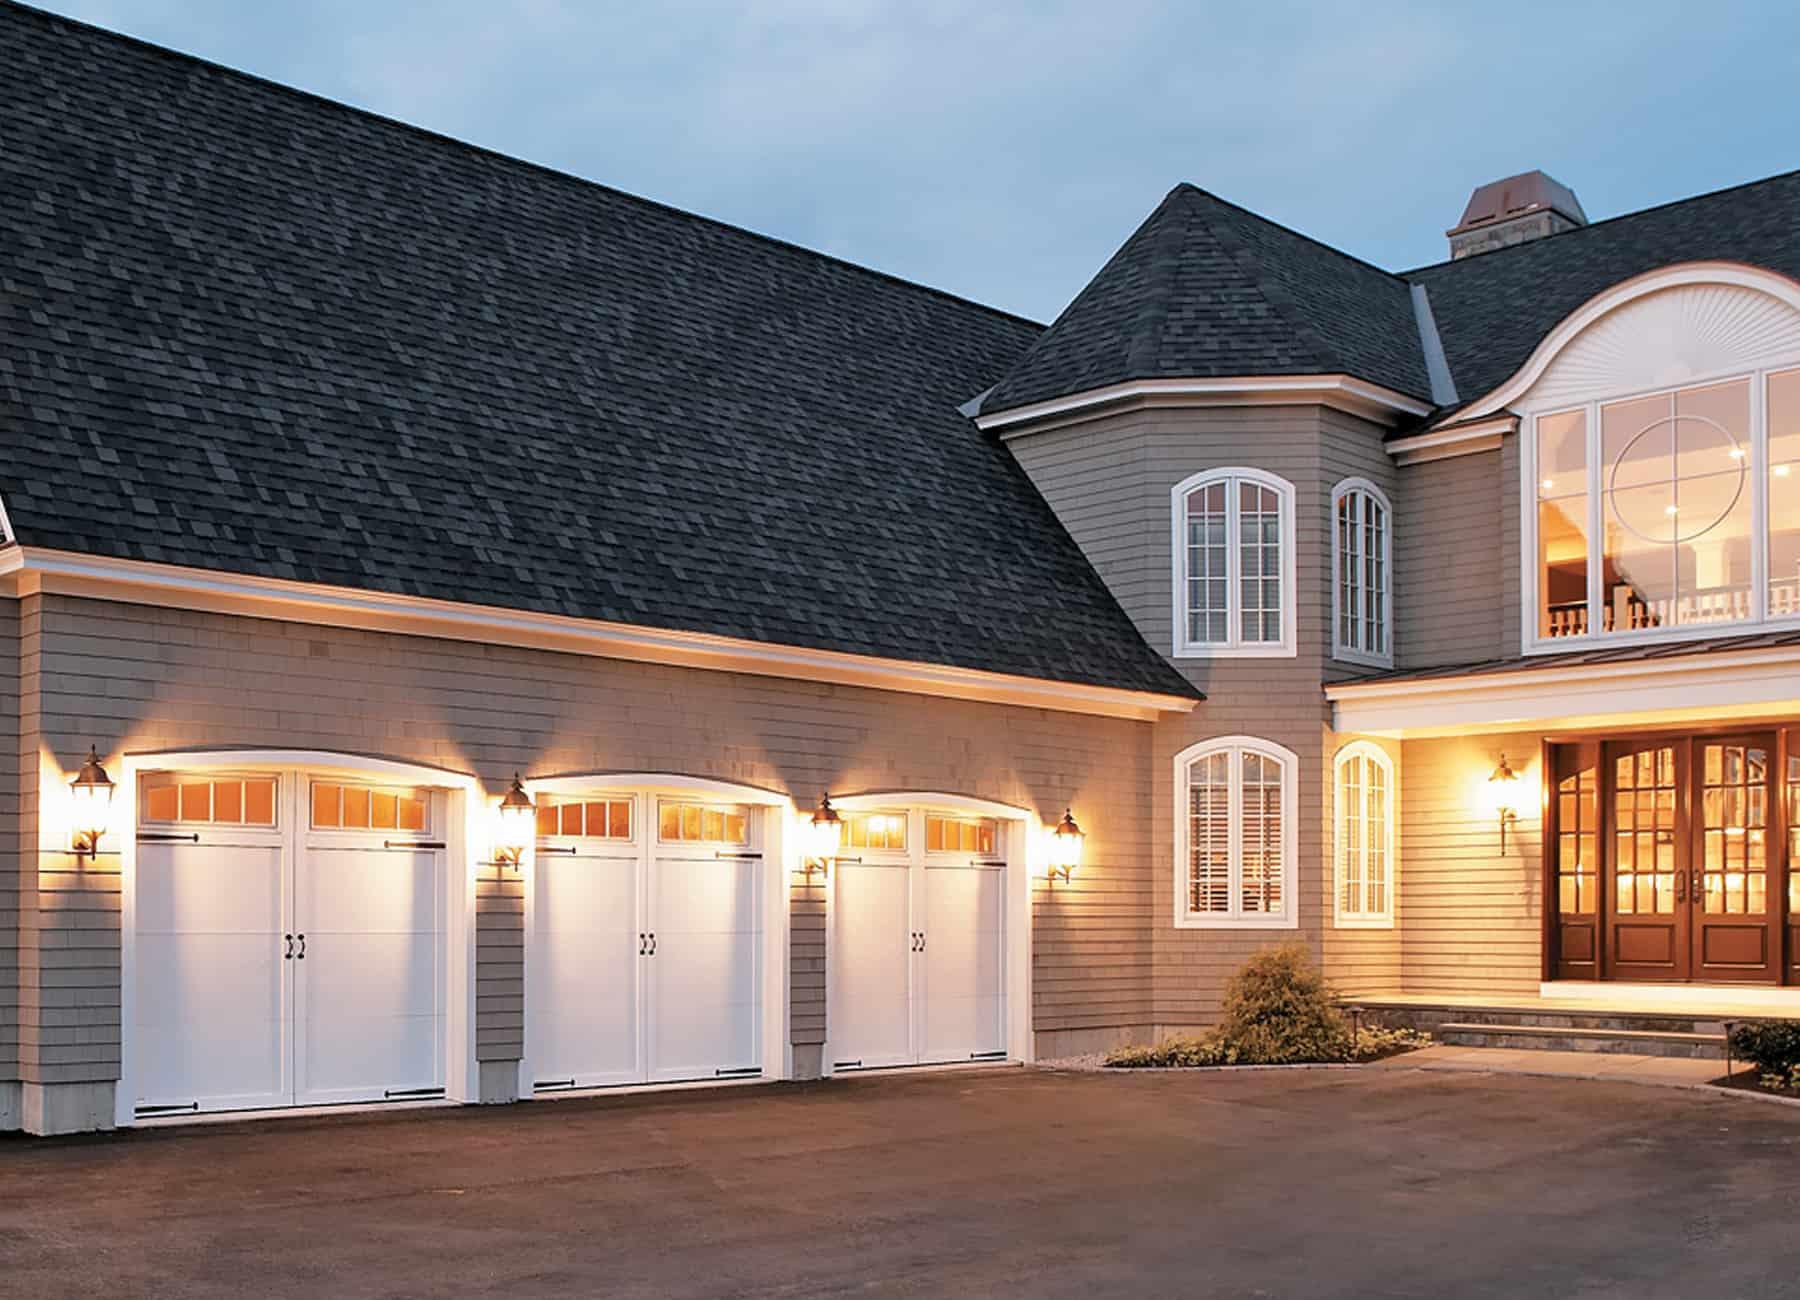 , Impression Steel Garage Doors, Overhead Door Company of Battle Creek & Jackson